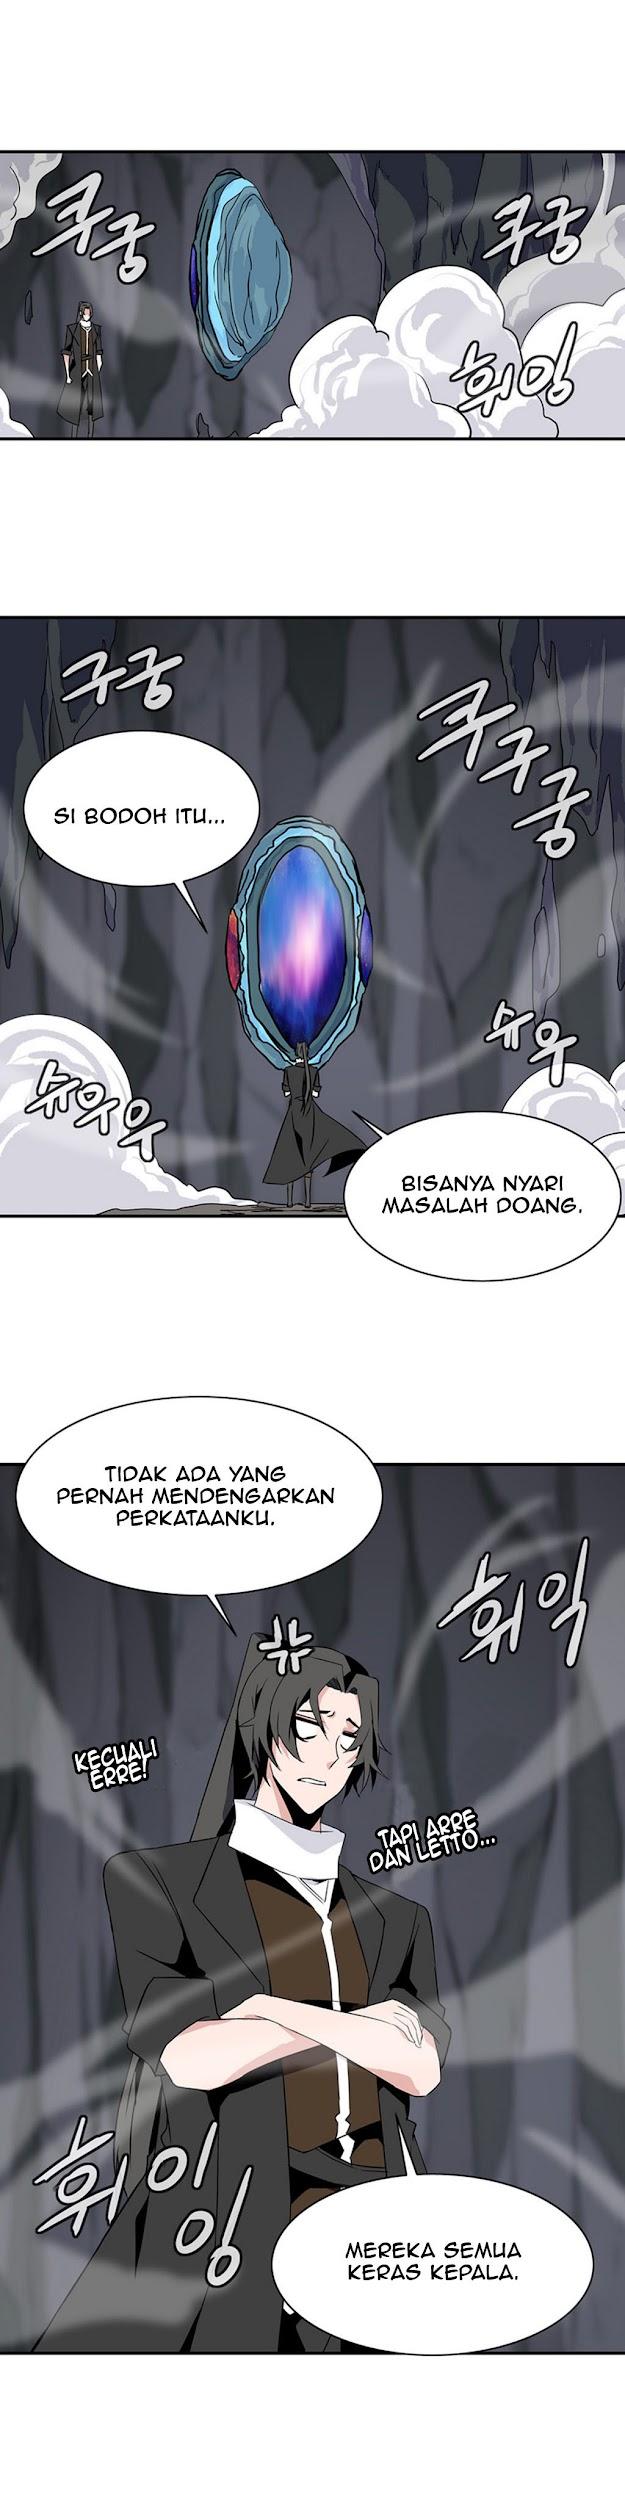 Dilarang COPAS - situs resmi www.mangacanblog.com - Komik wizardly tower 026 - chapter 26 27 Indonesia wizardly tower 026 - chapter 26 Terbaru 8|Baca Manga Komik Indonesia|Mangacan